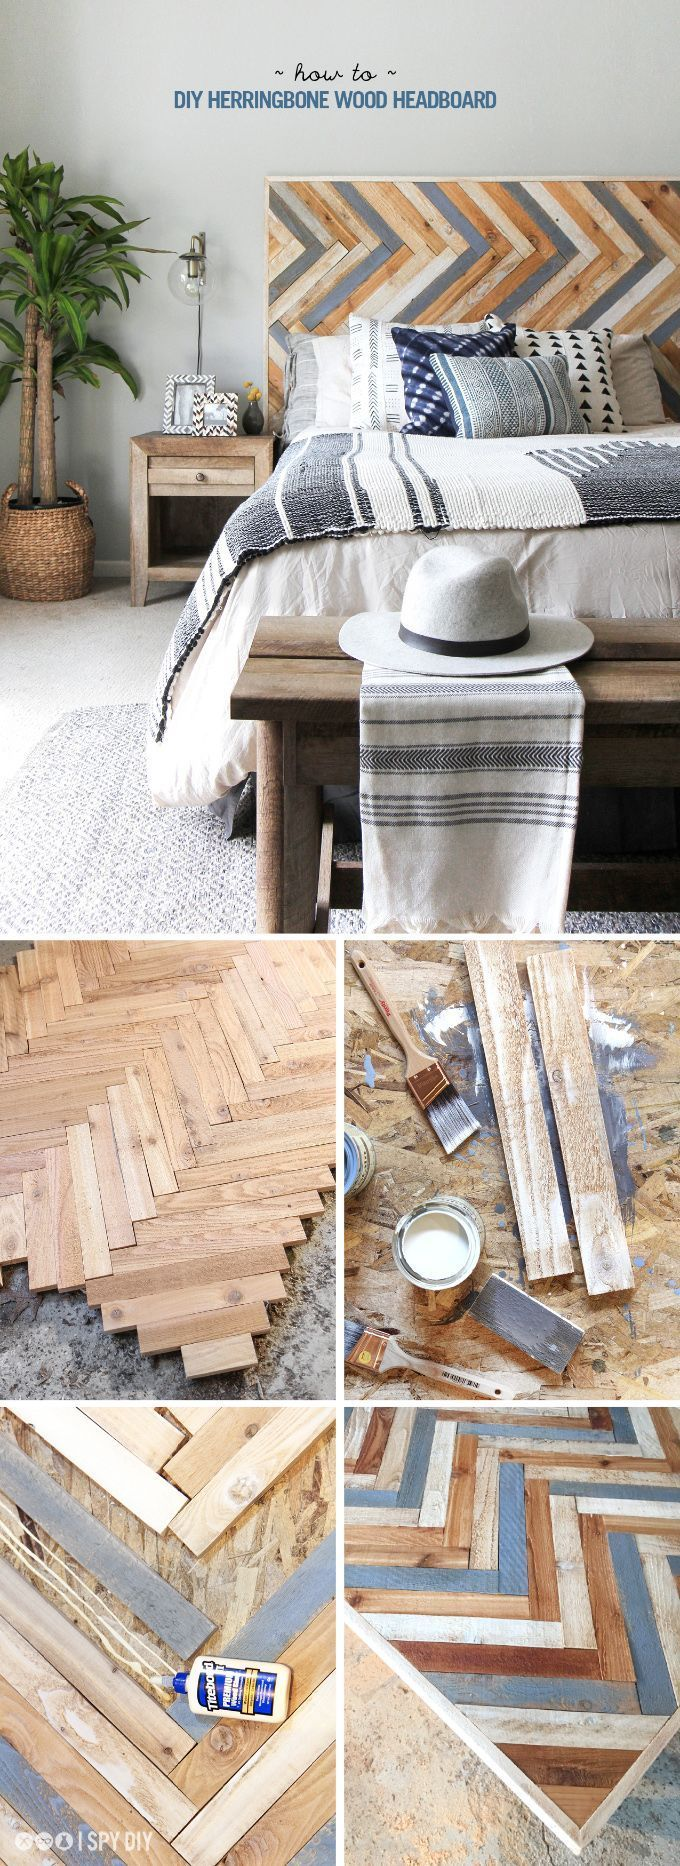 » MY DIY Herringbone Wood Headboard (How To Build A Shed